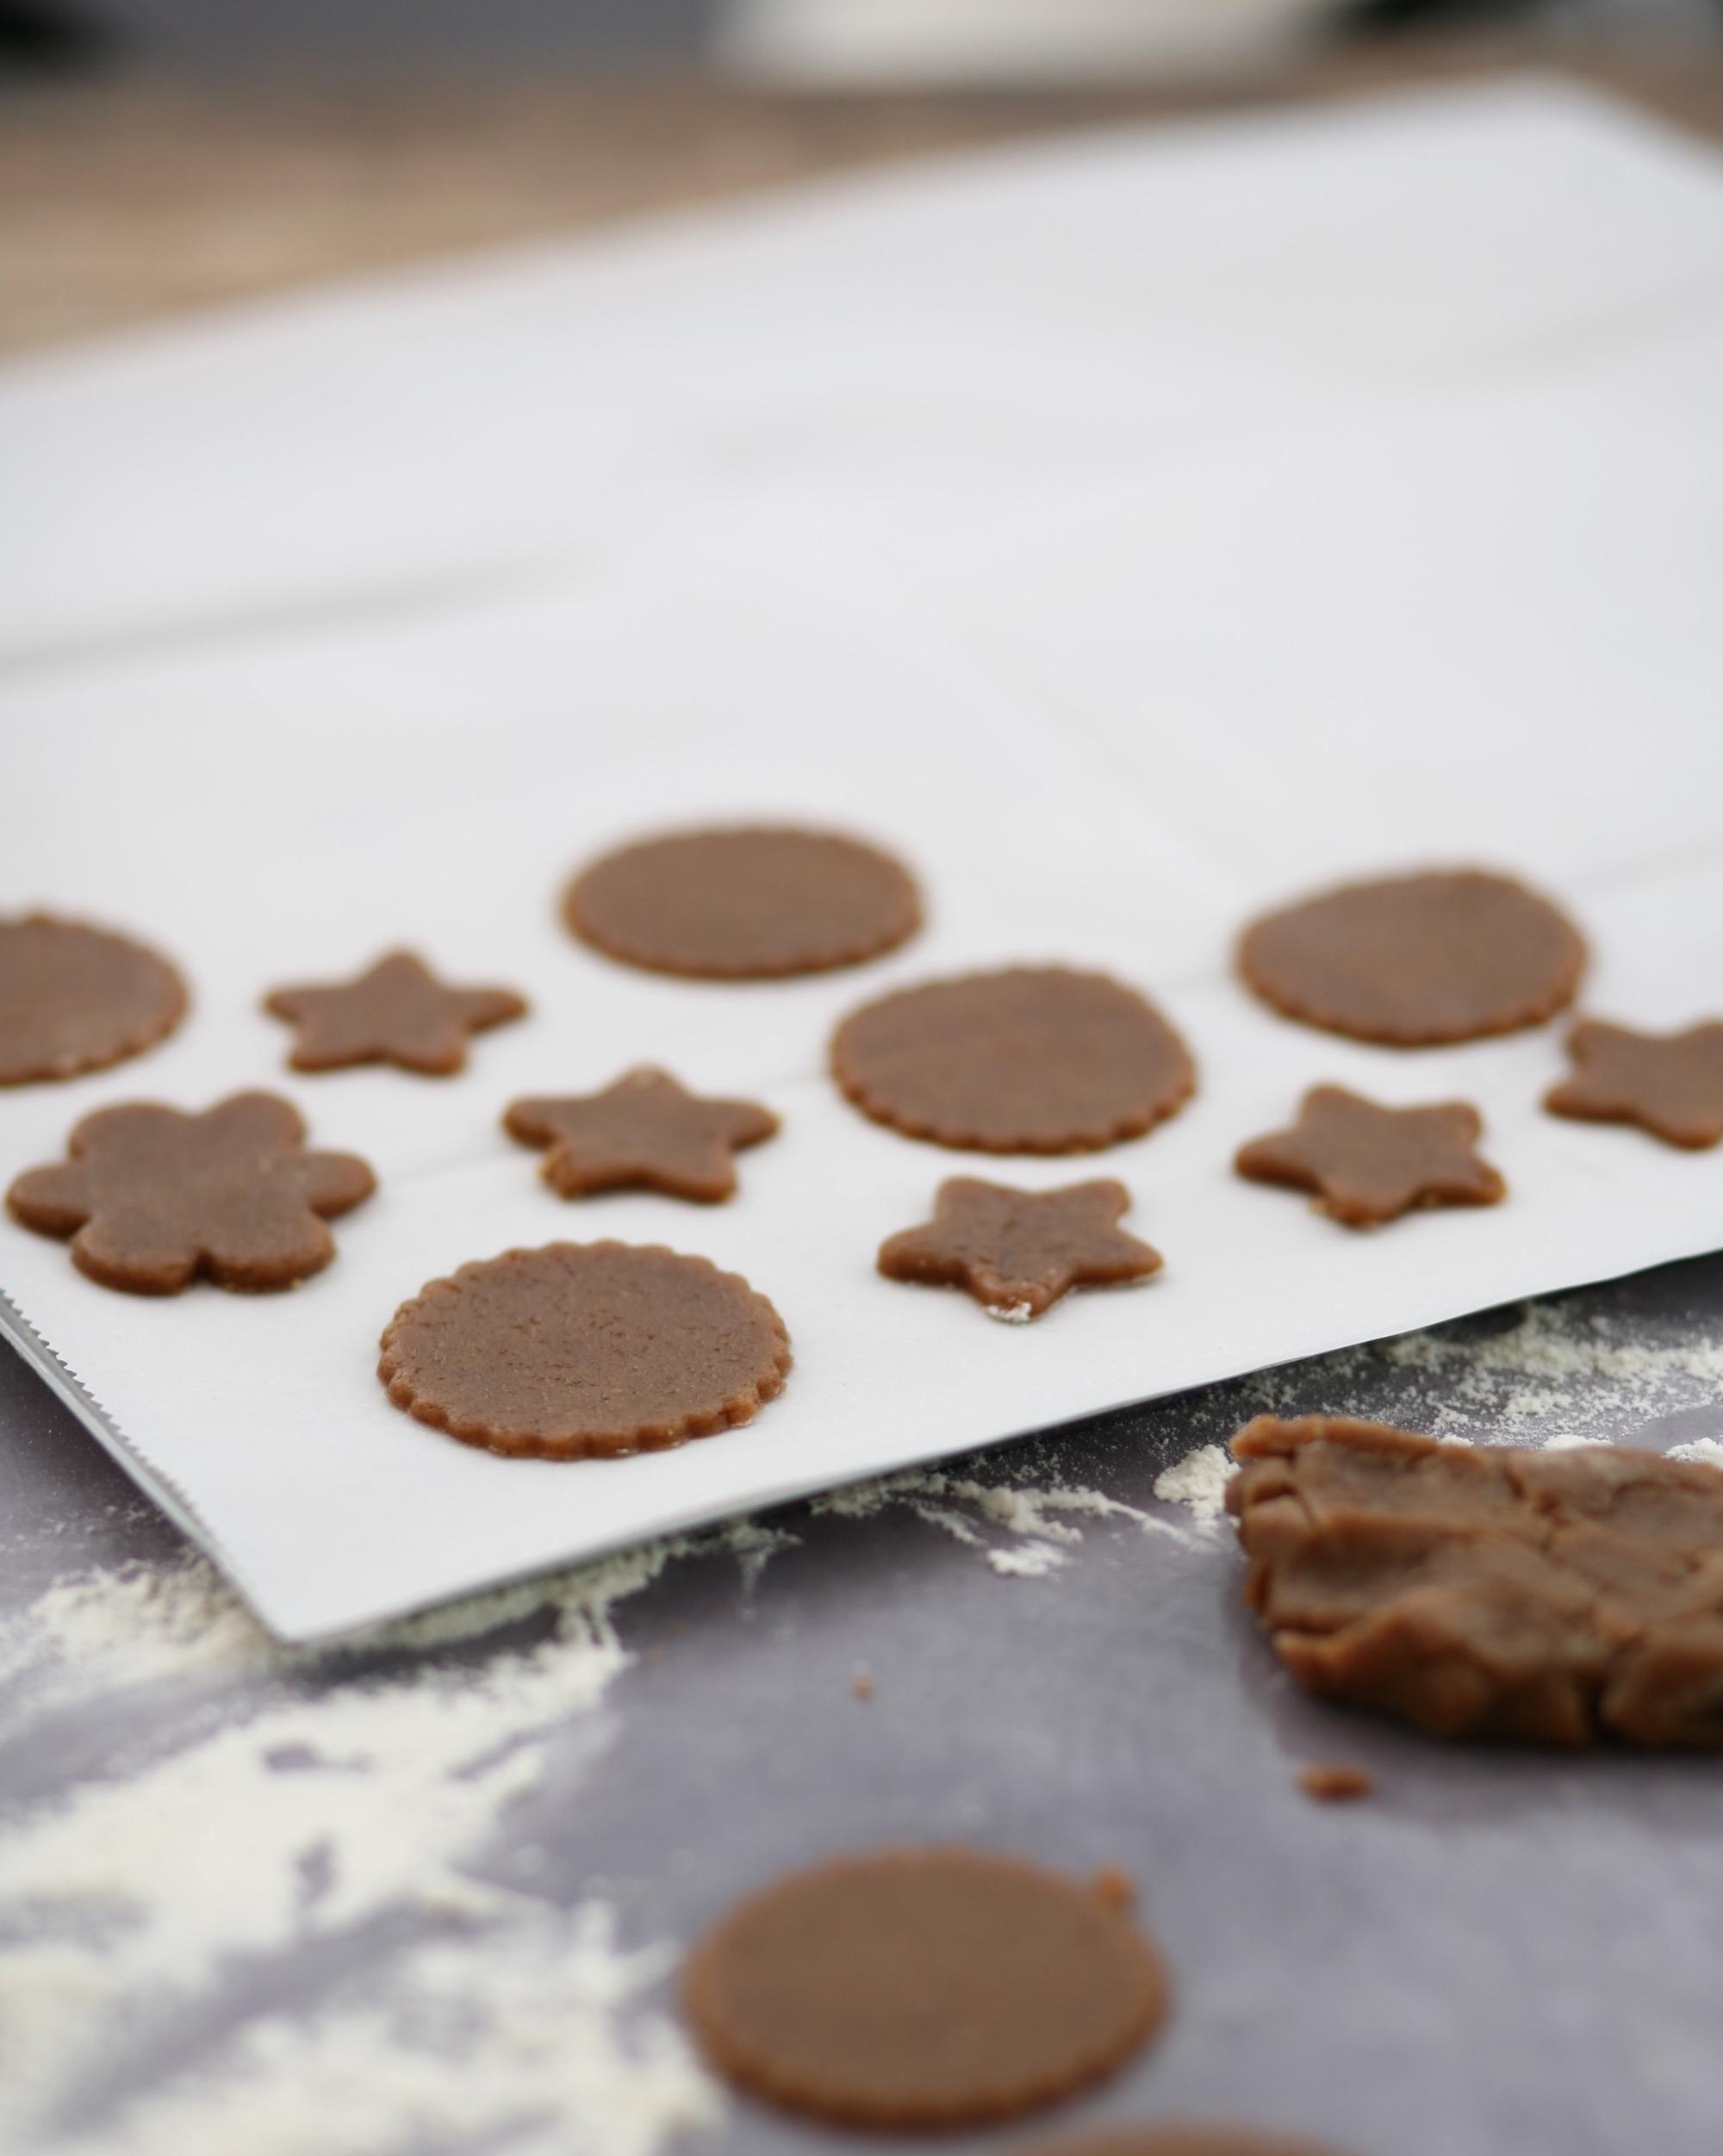 עוגיות בעזרת קורצן